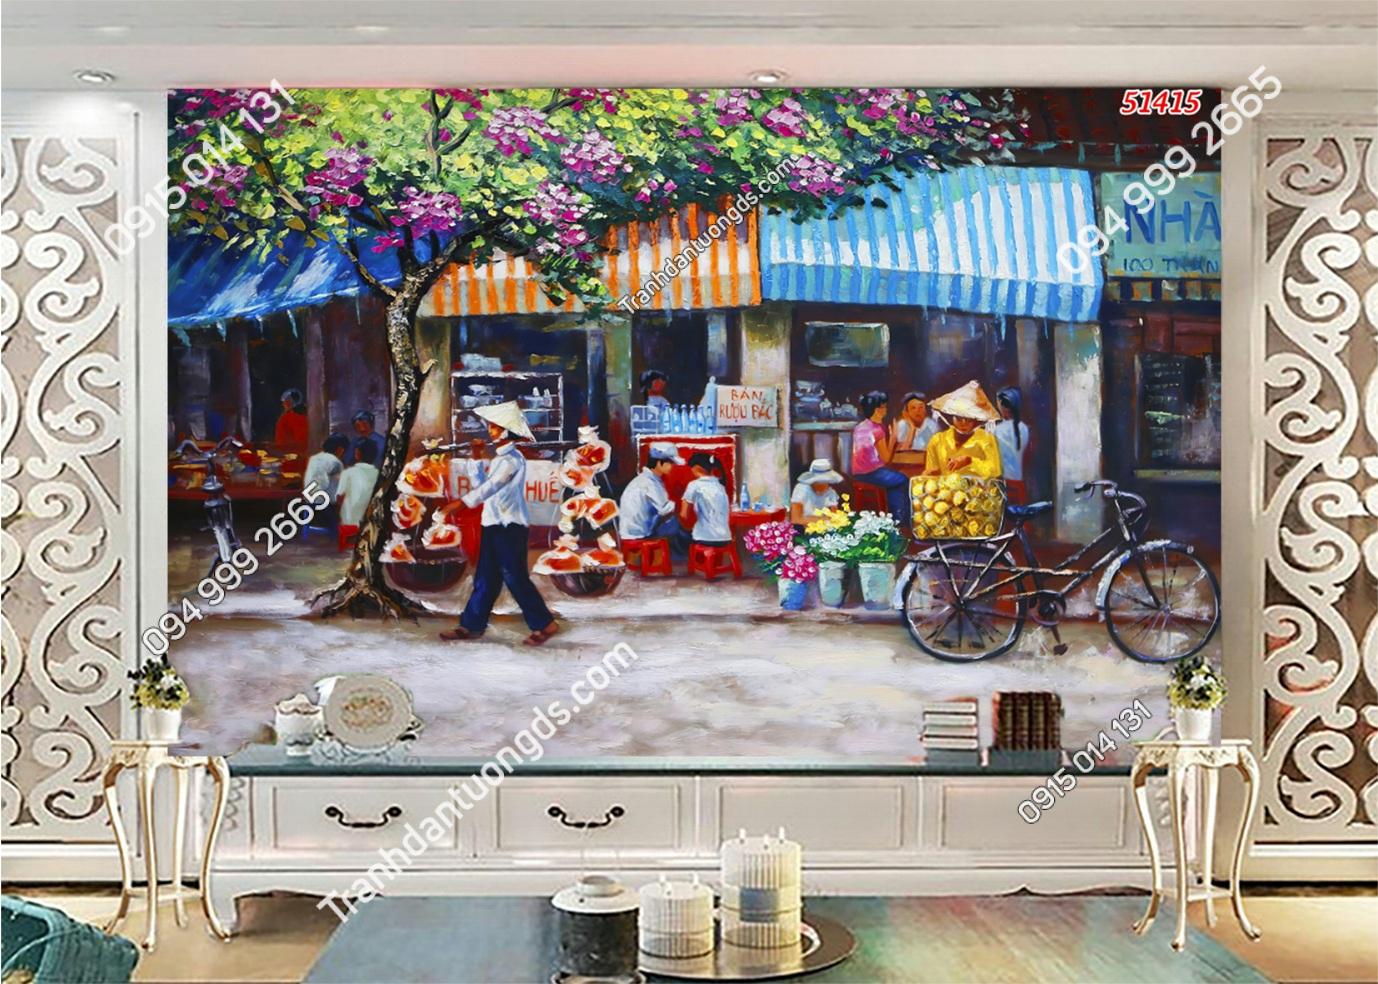 Tranh dán tường phố chợ Hà Nội xưa kiểu tranh vẽ 51415